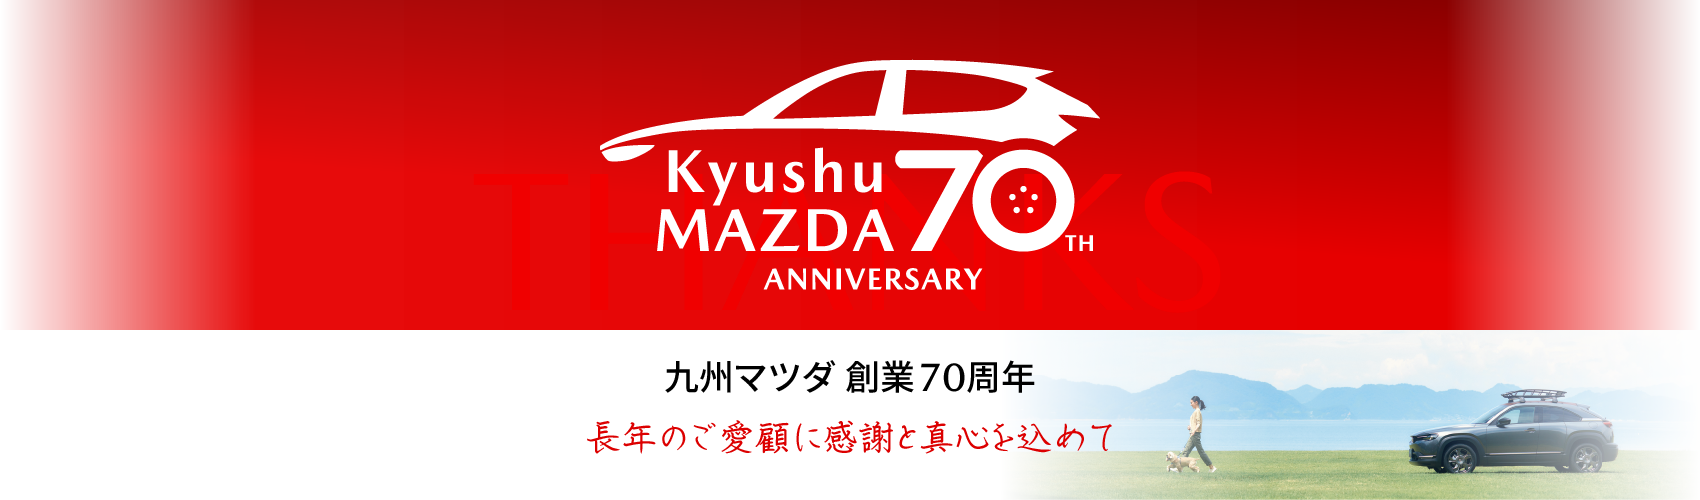 九州マツダ 創業70周年